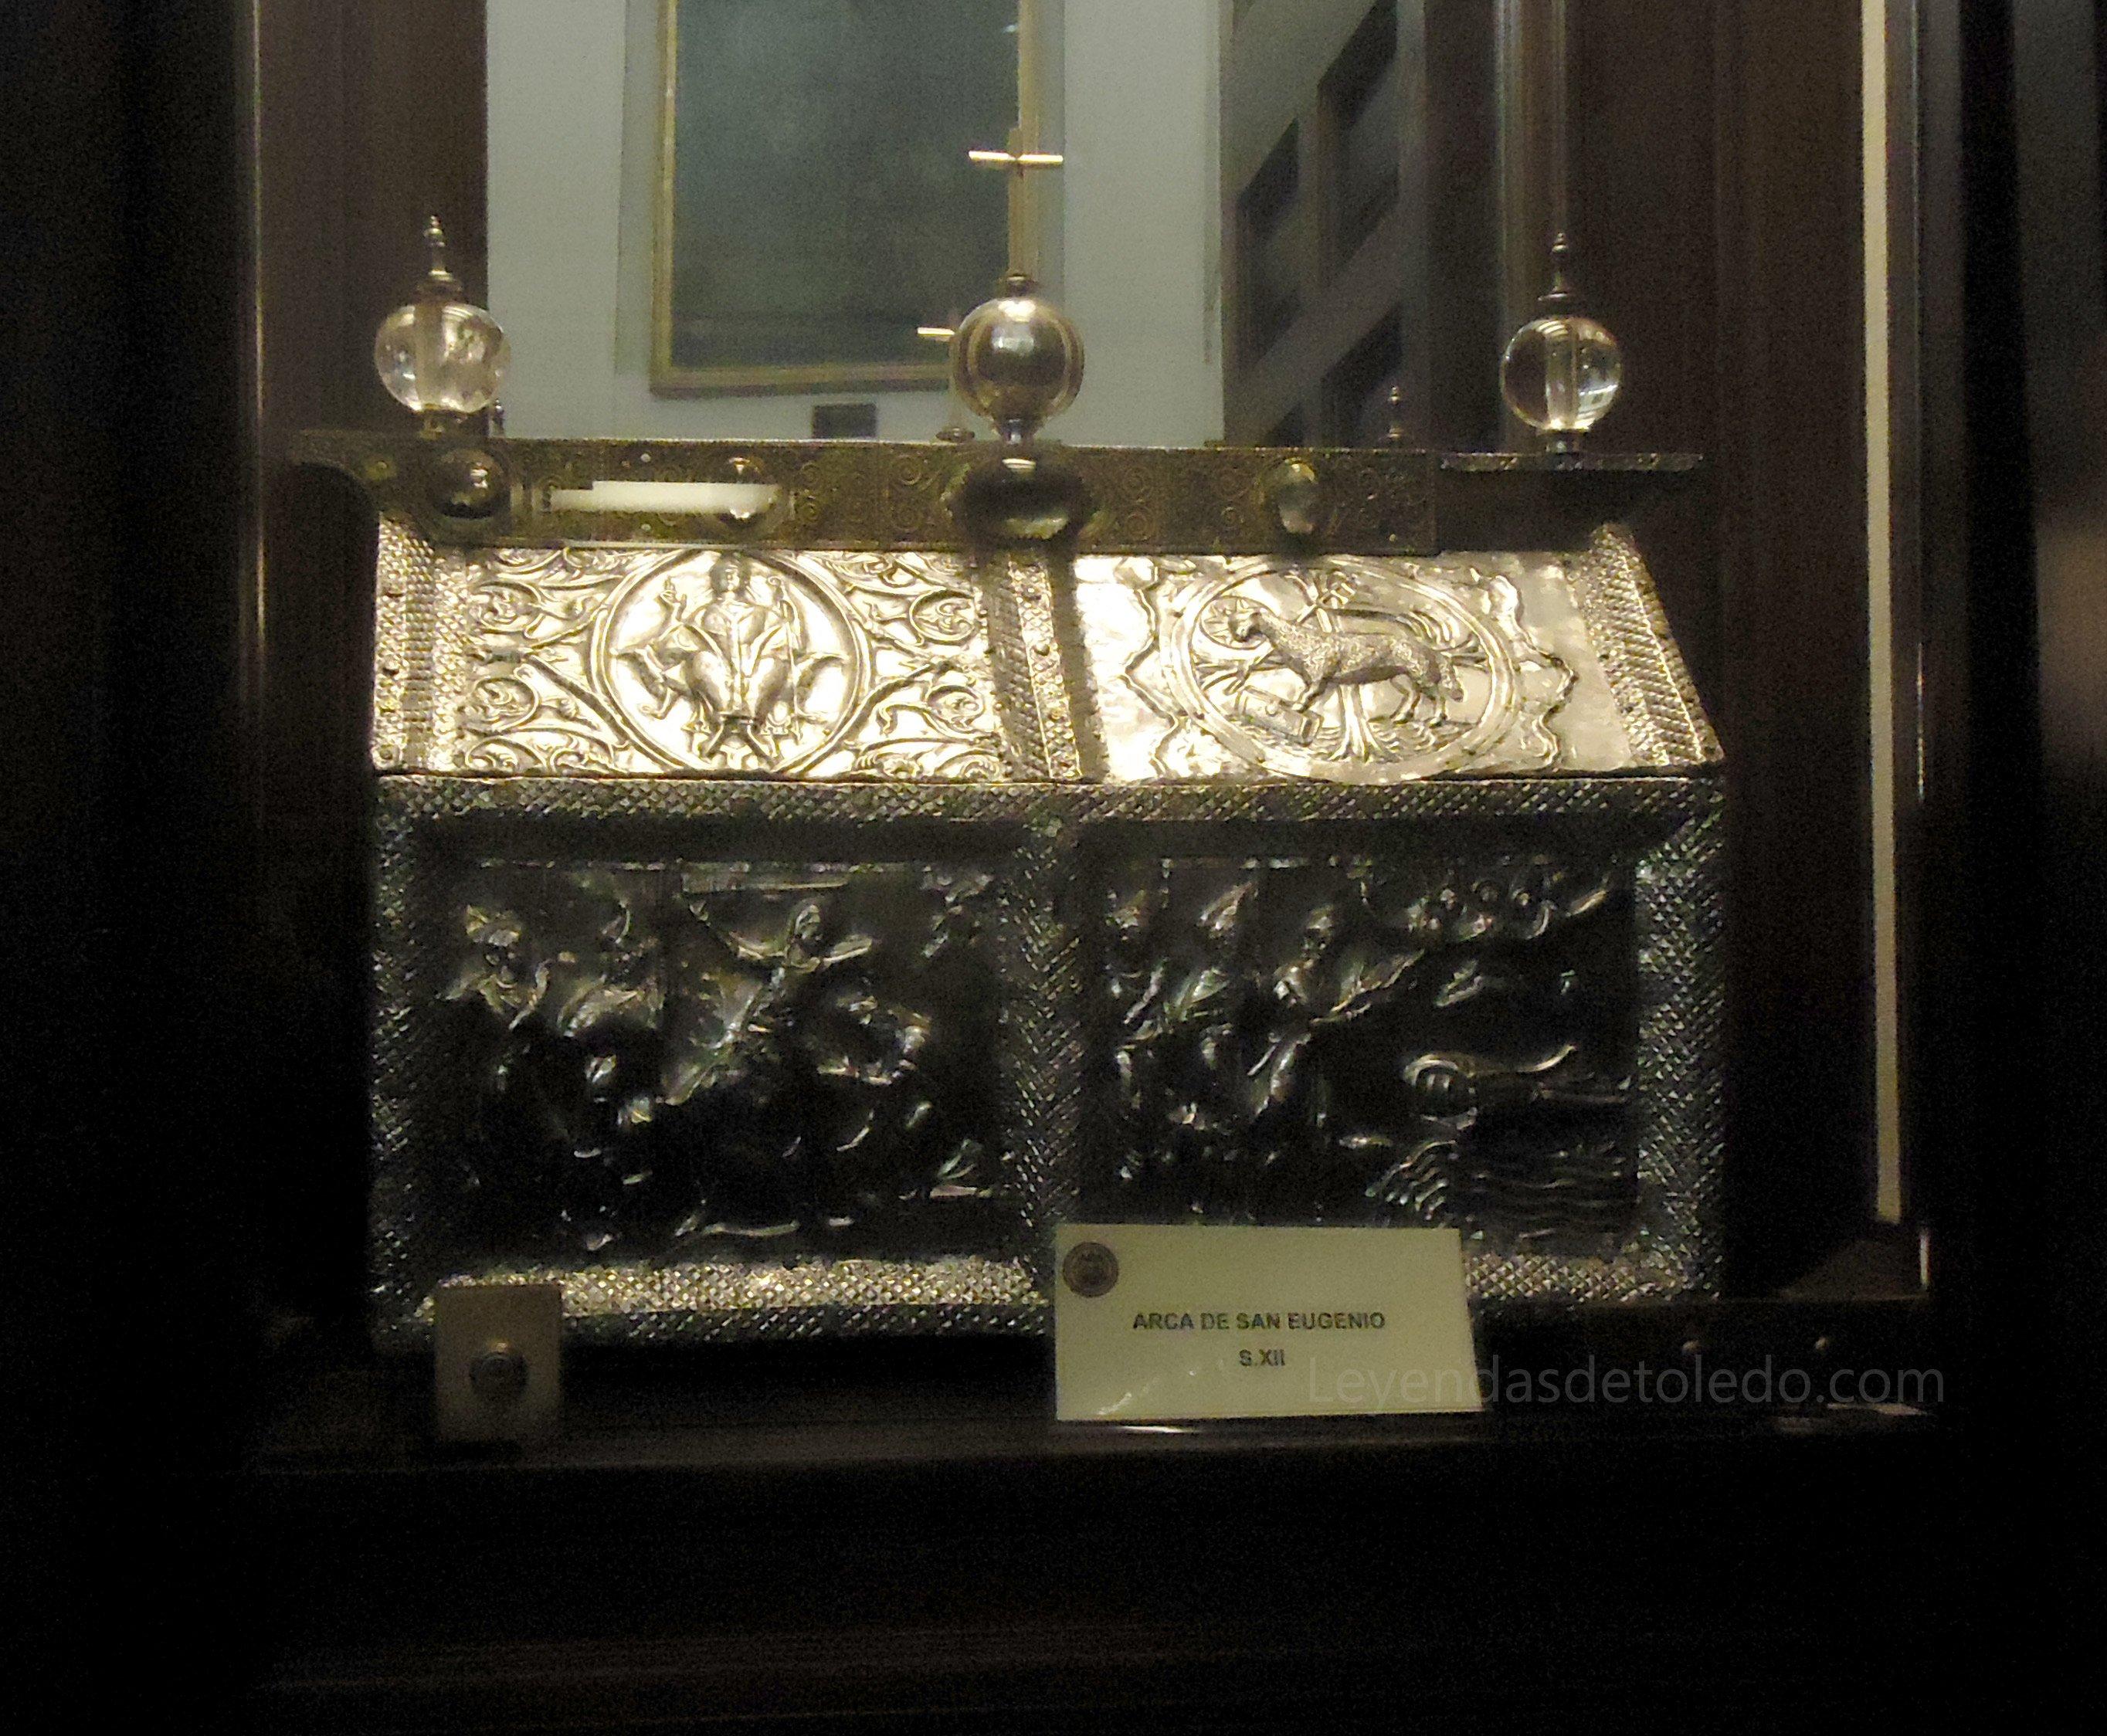 Arca de San Eugenio. Fotos del ochavo realizadas por Laura Valeriano Martinez, 2011